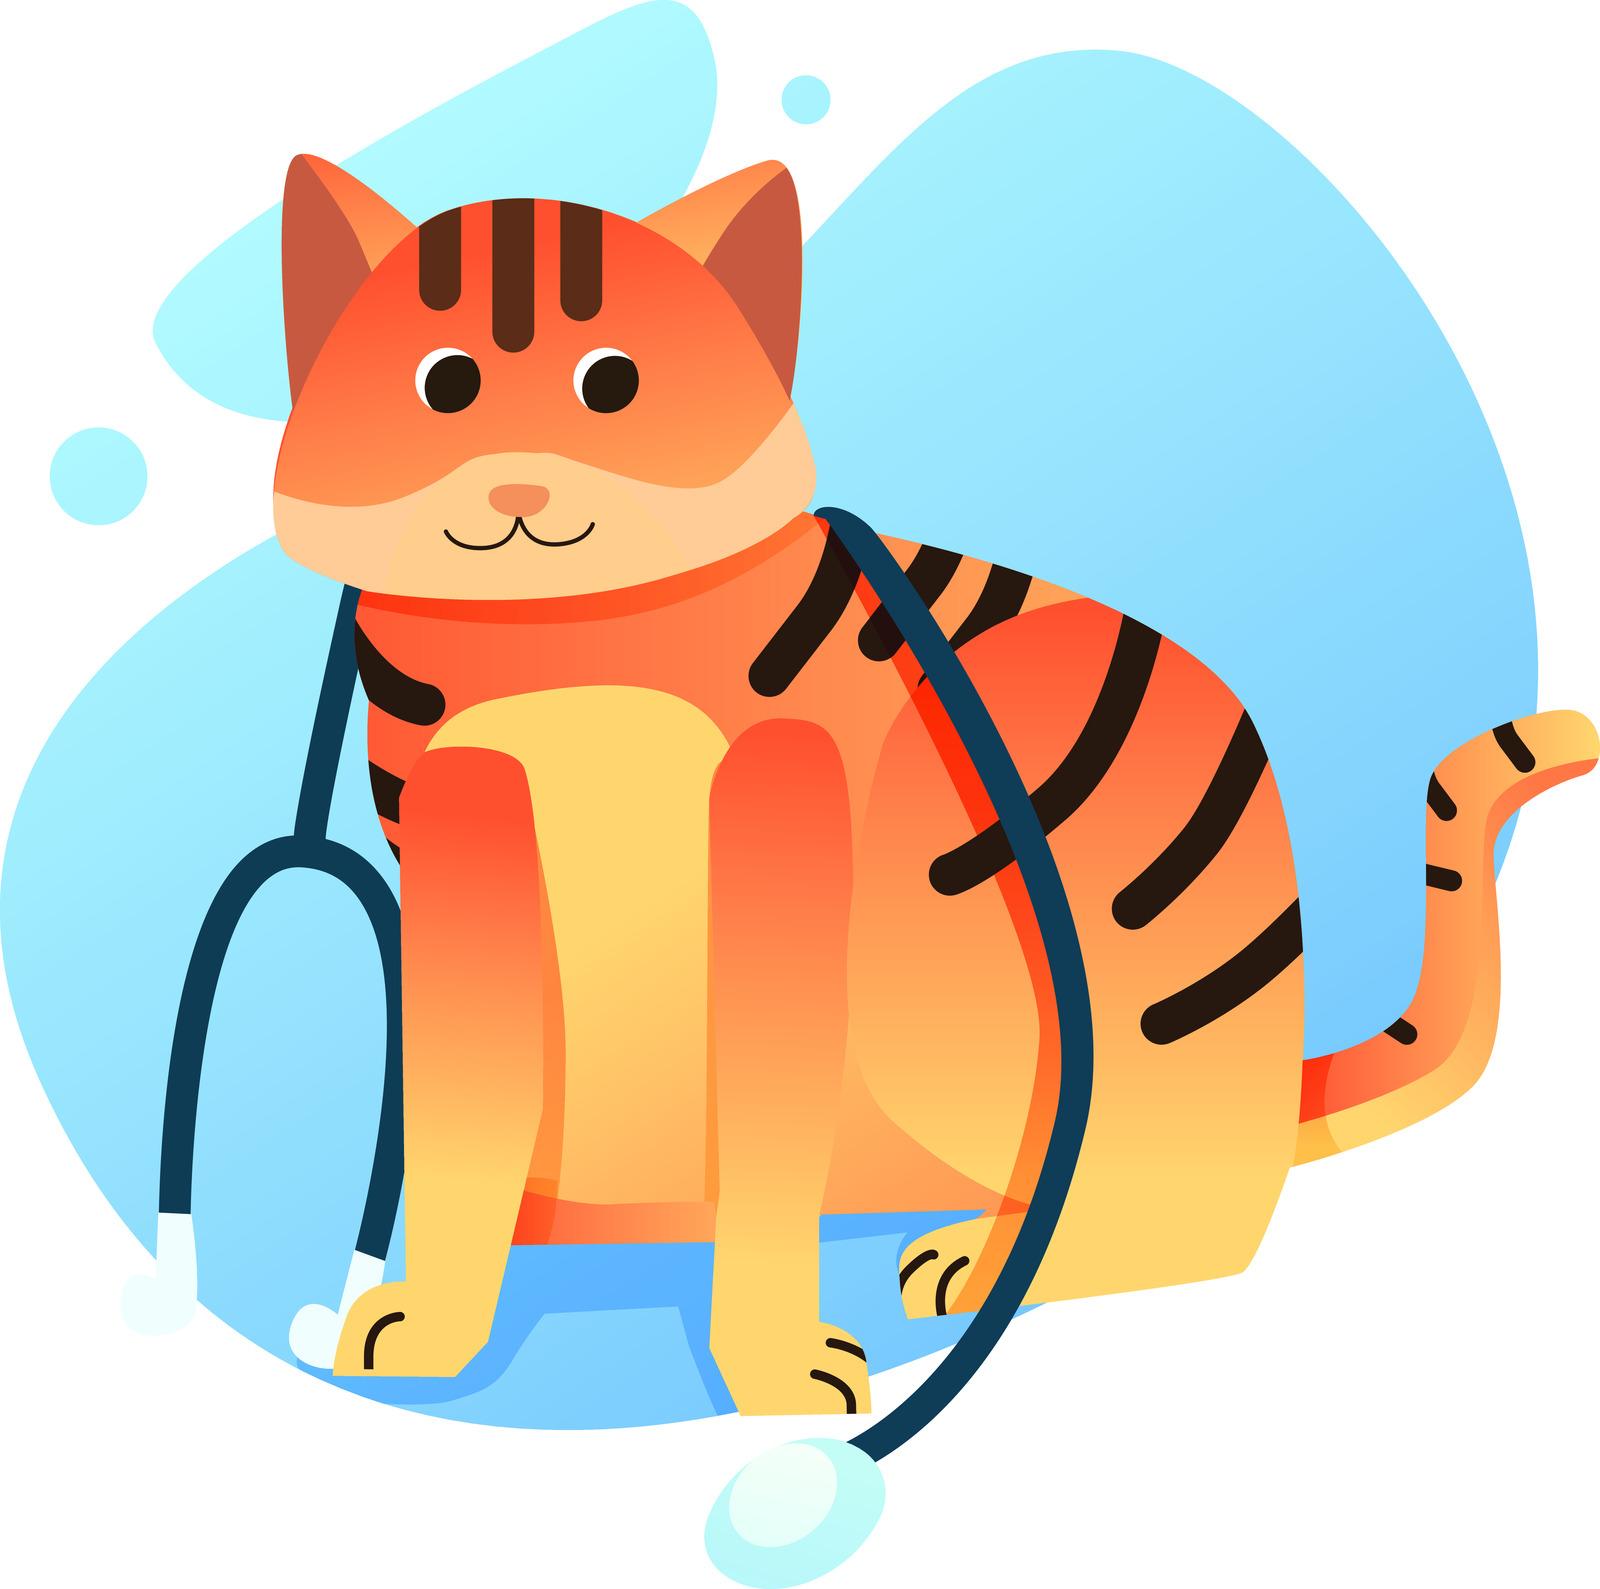 Cute doctor cat